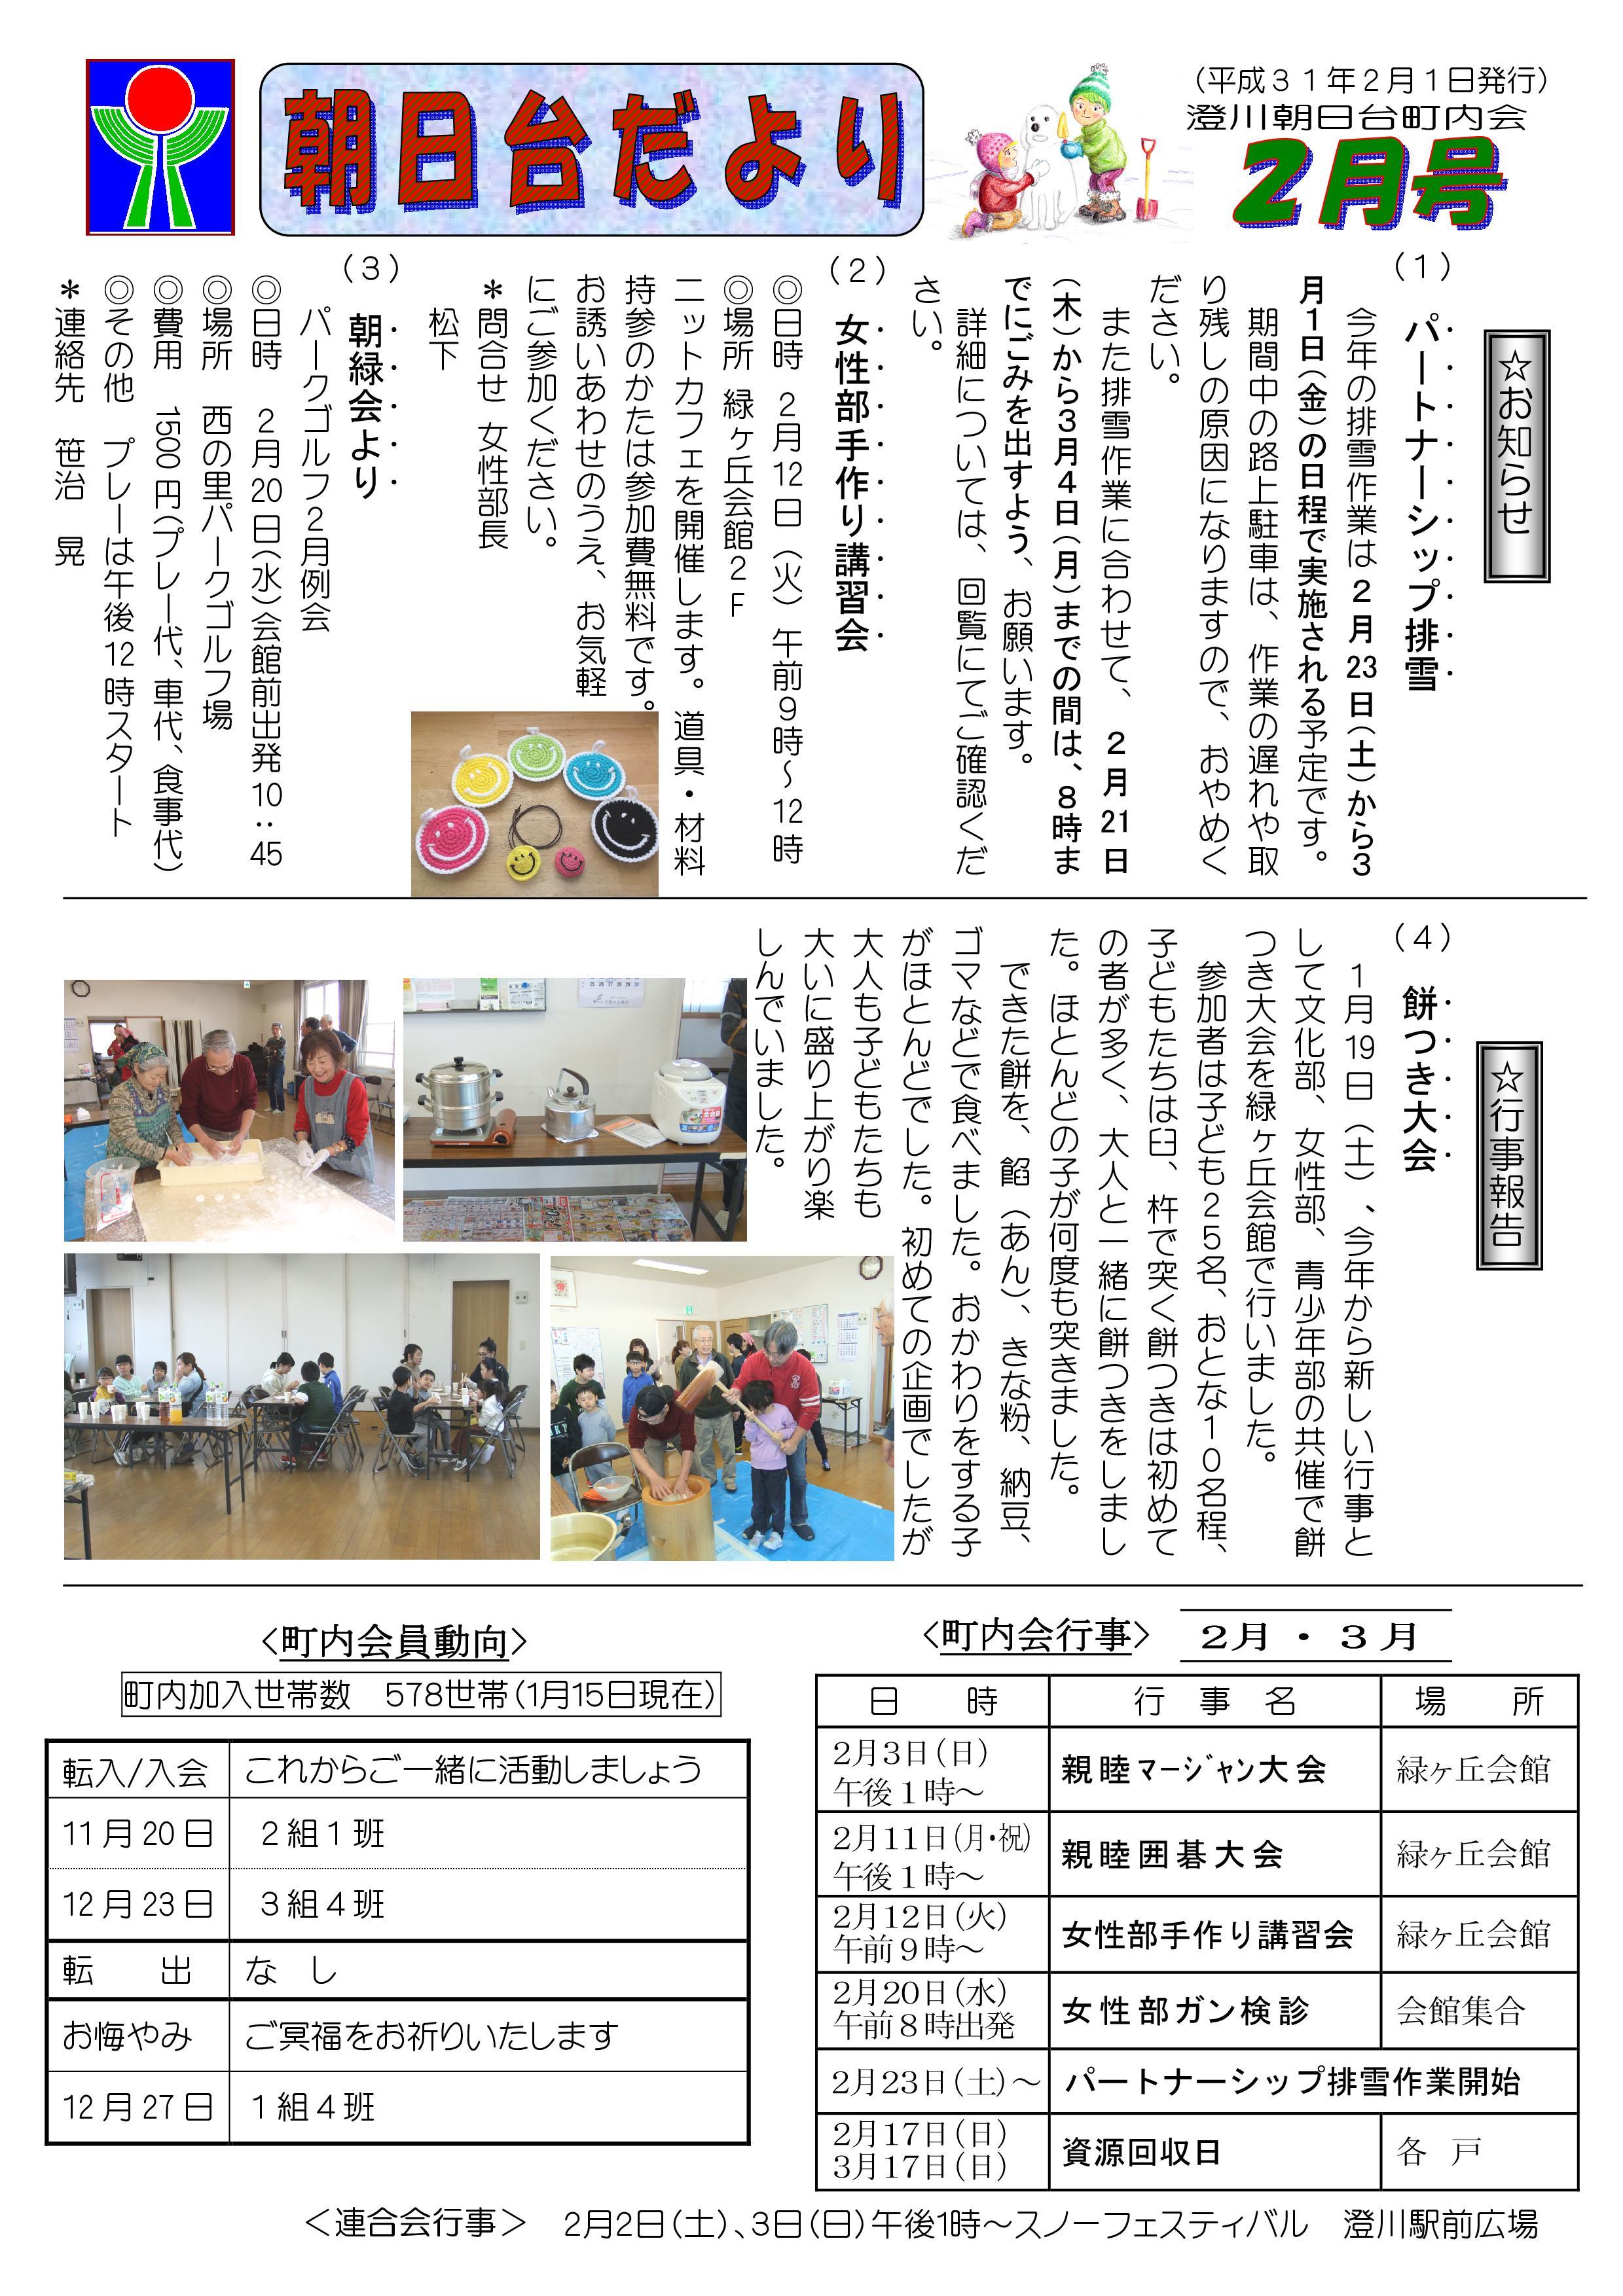 http://sumikawa.info/asahidai/31%202%E6%9C%88%E5%8F%B7.jpg